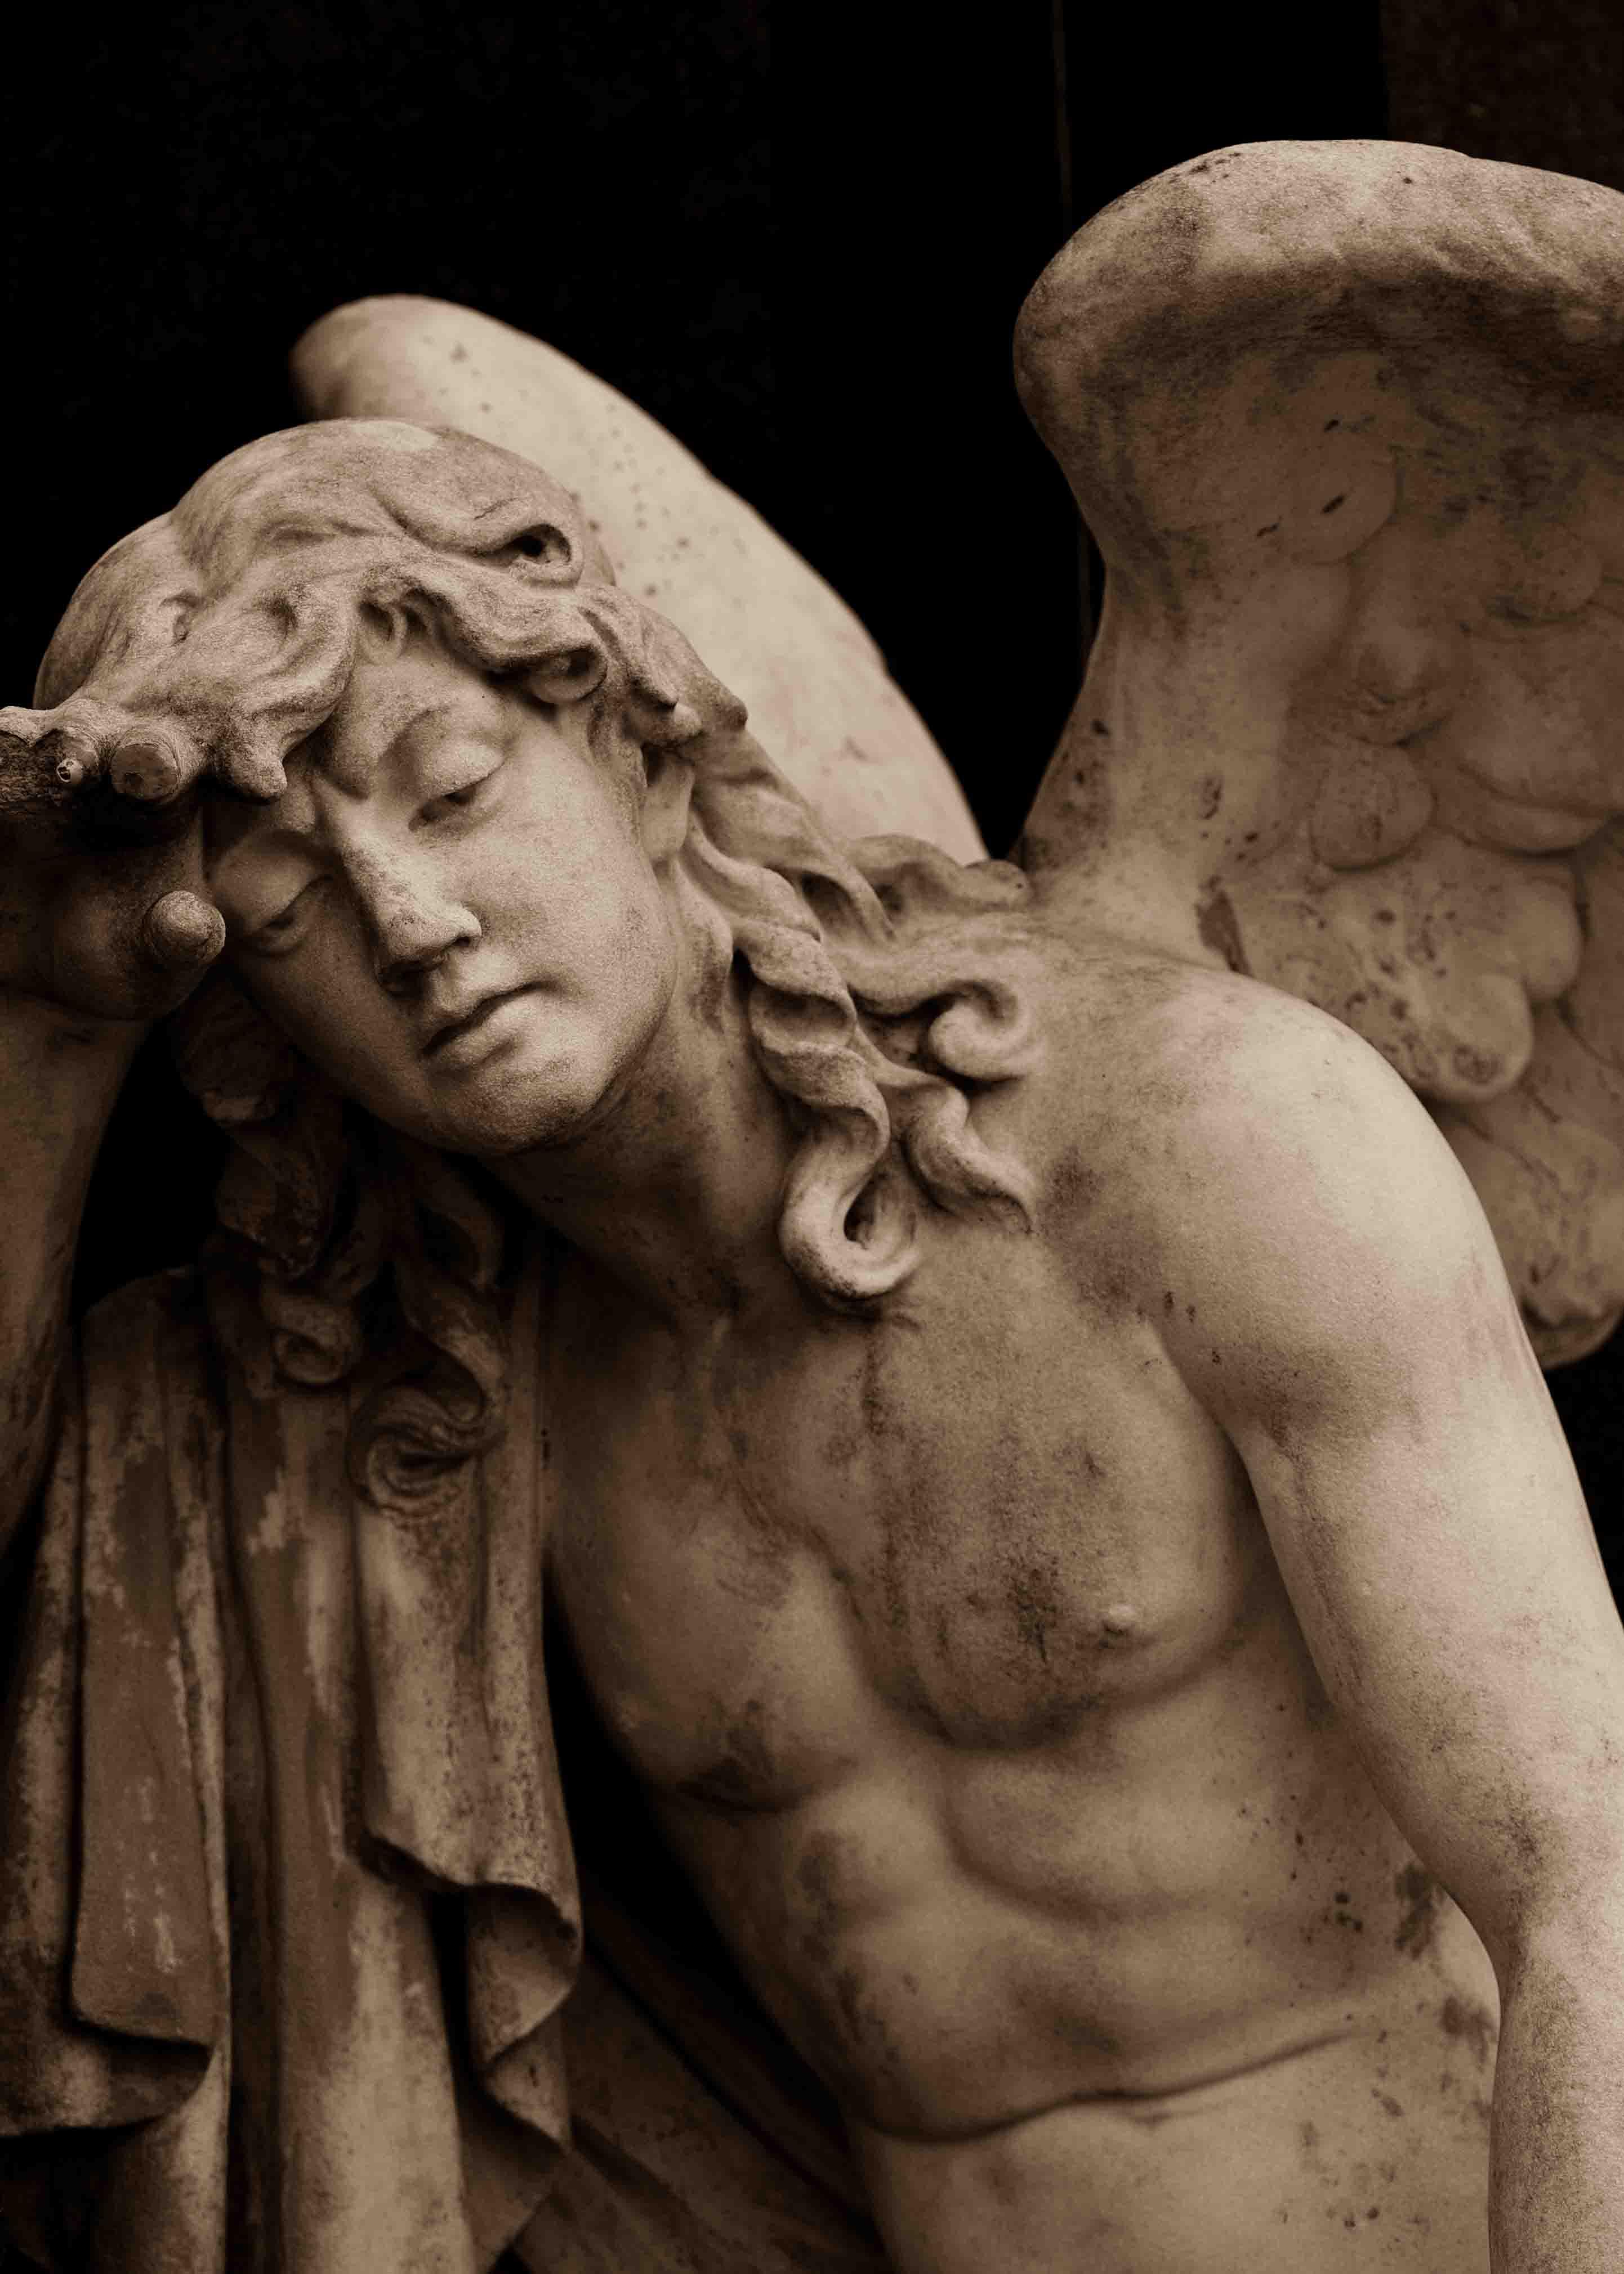 hvad betyder engel oprindeligt landgangsbro